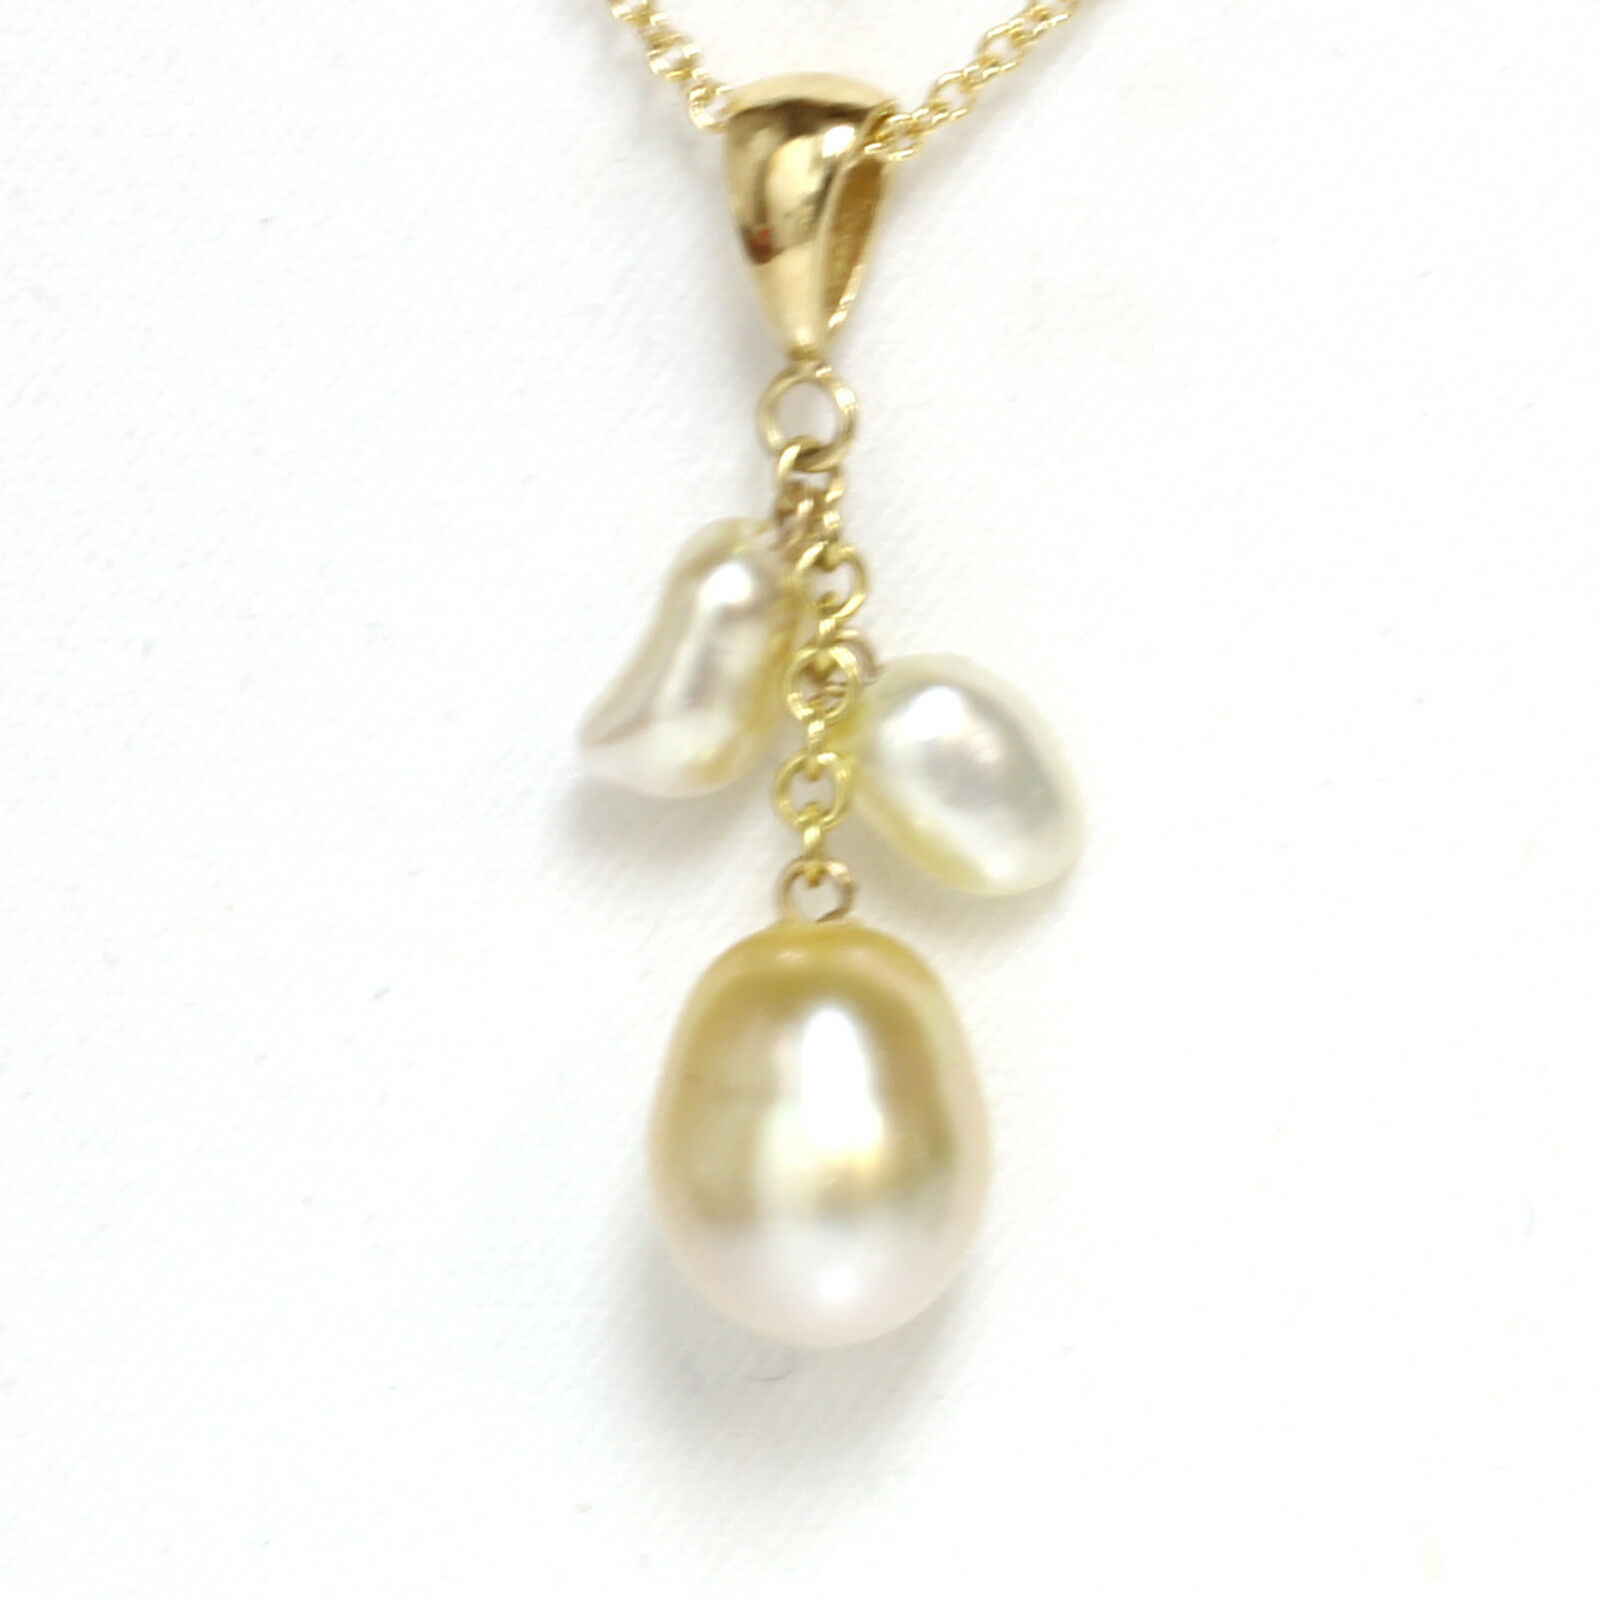 Pacifico Pacifico Pacifico Oceano Keshi Perla Ciondolo 14k oro Giallo Champagne 37987b